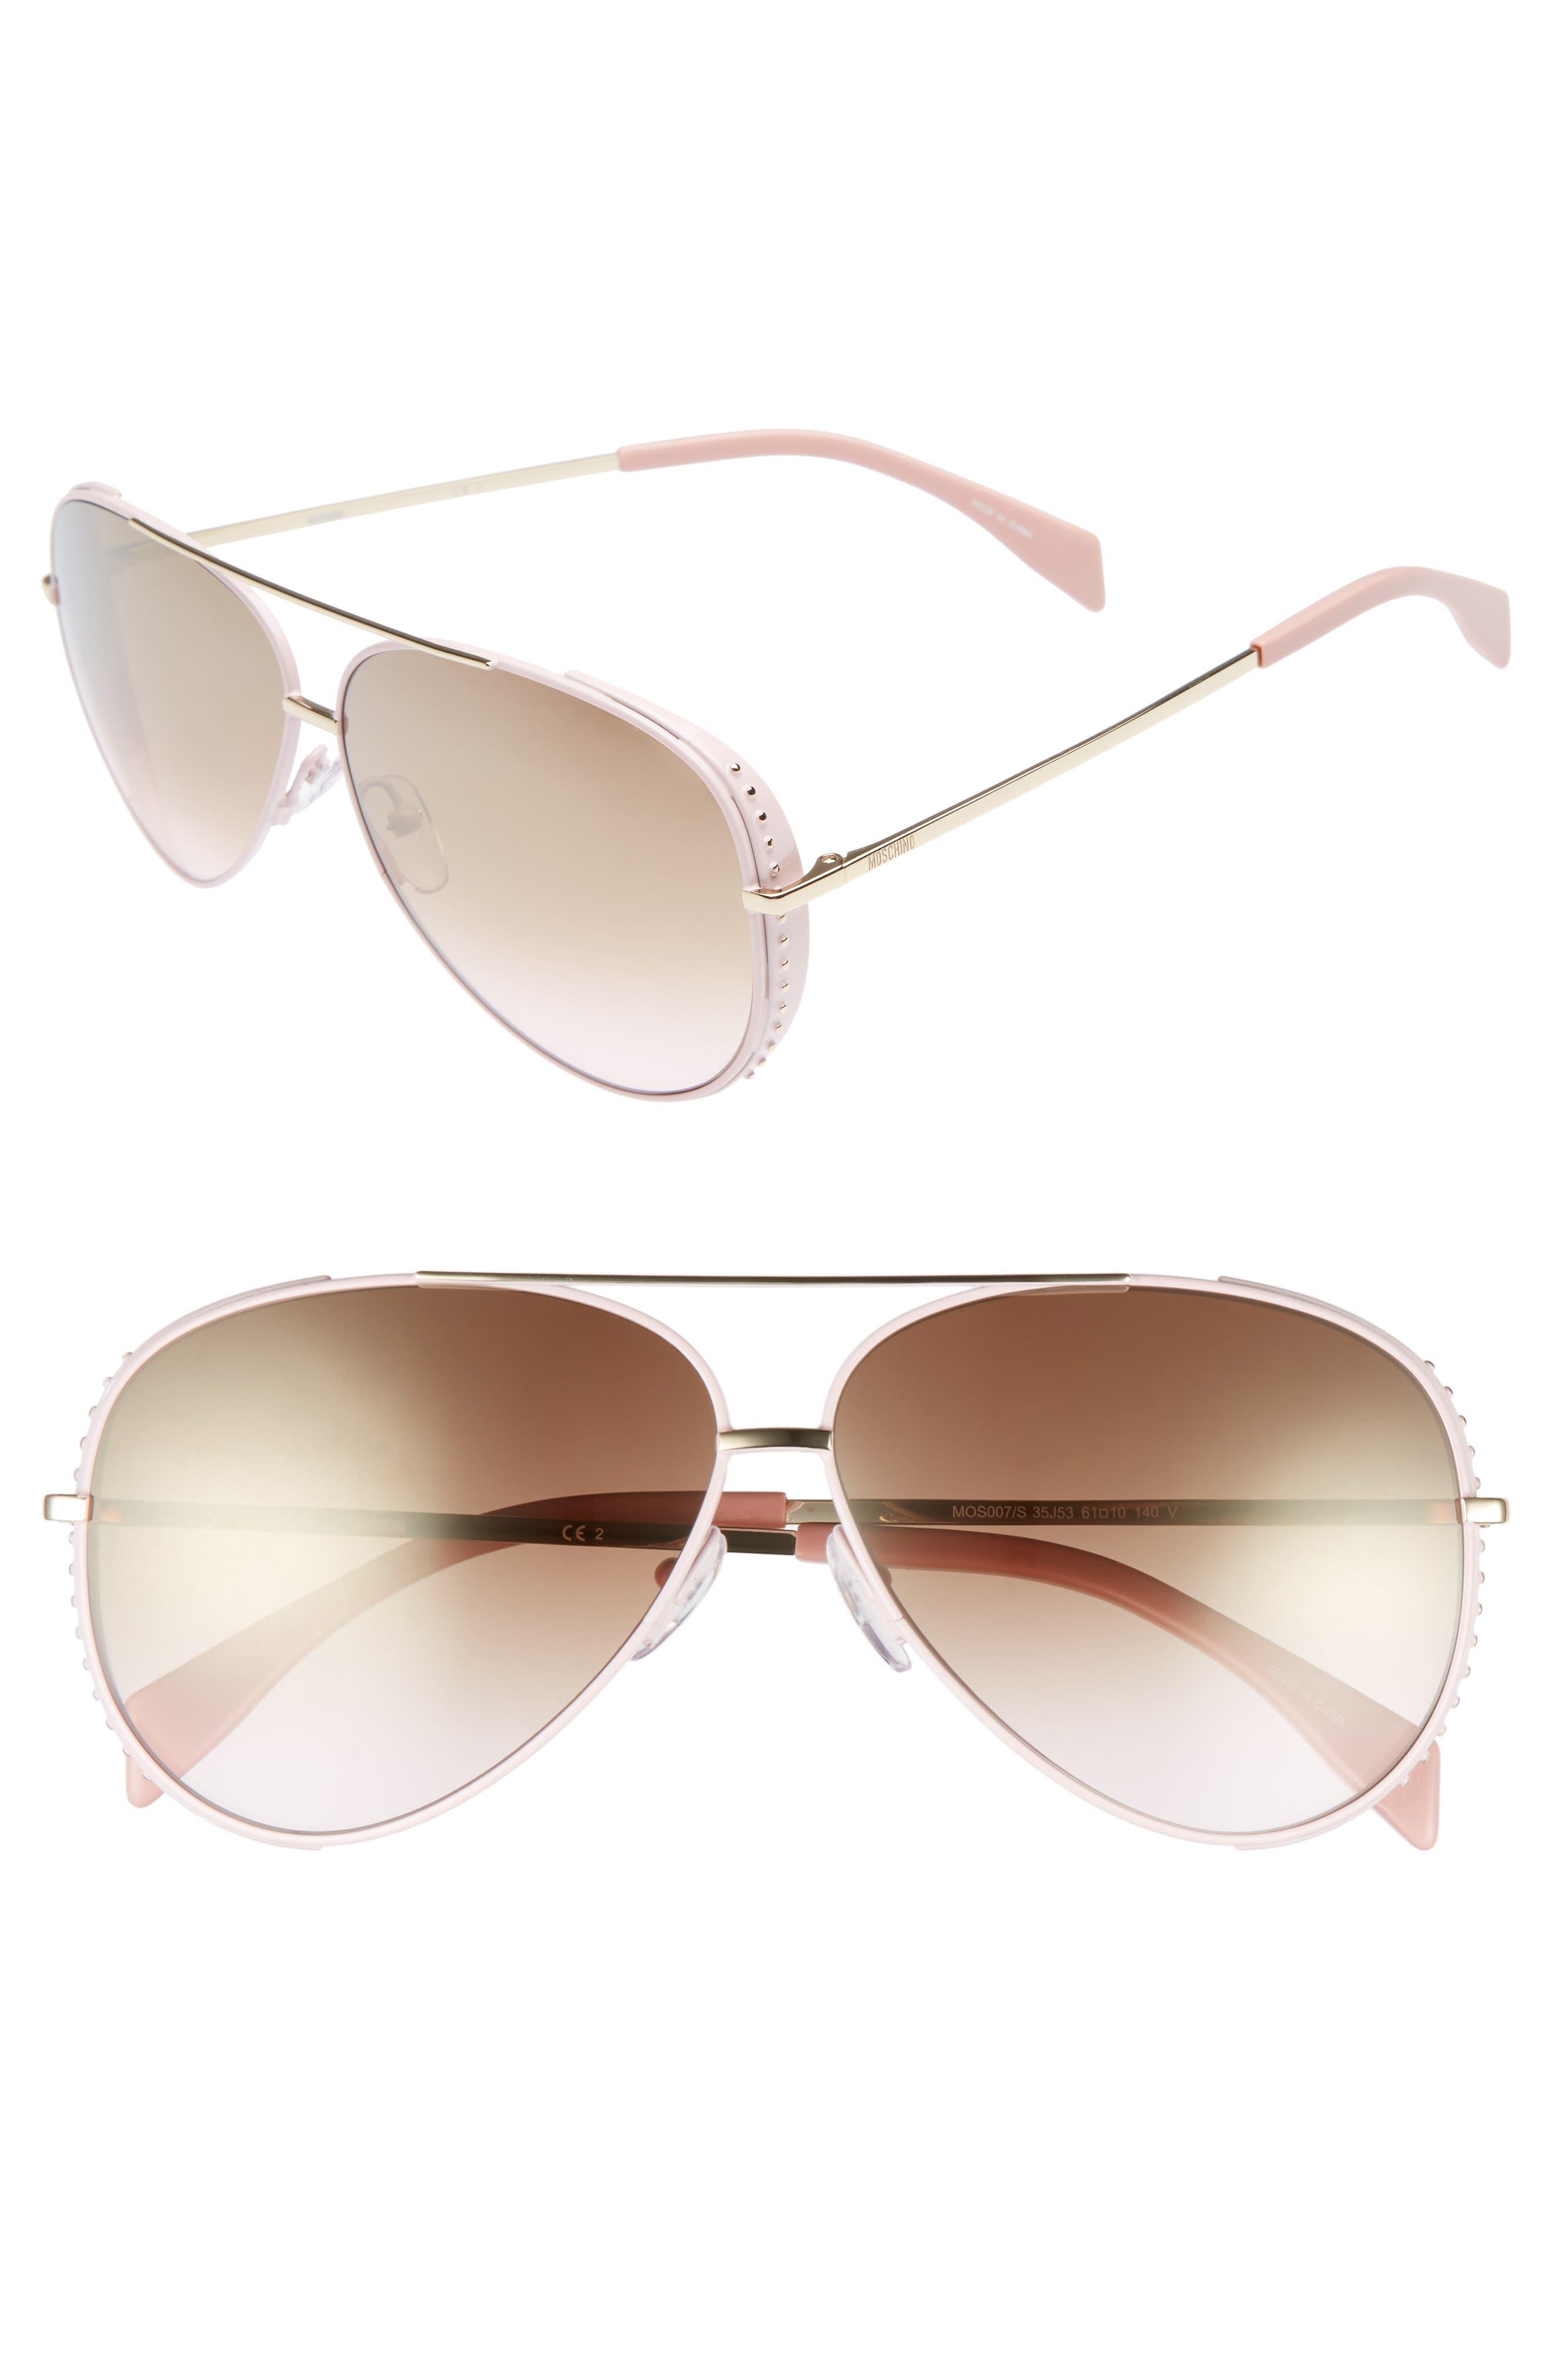 61mm Metal Aviator Sunglasses,                         Main,                         color, Pink